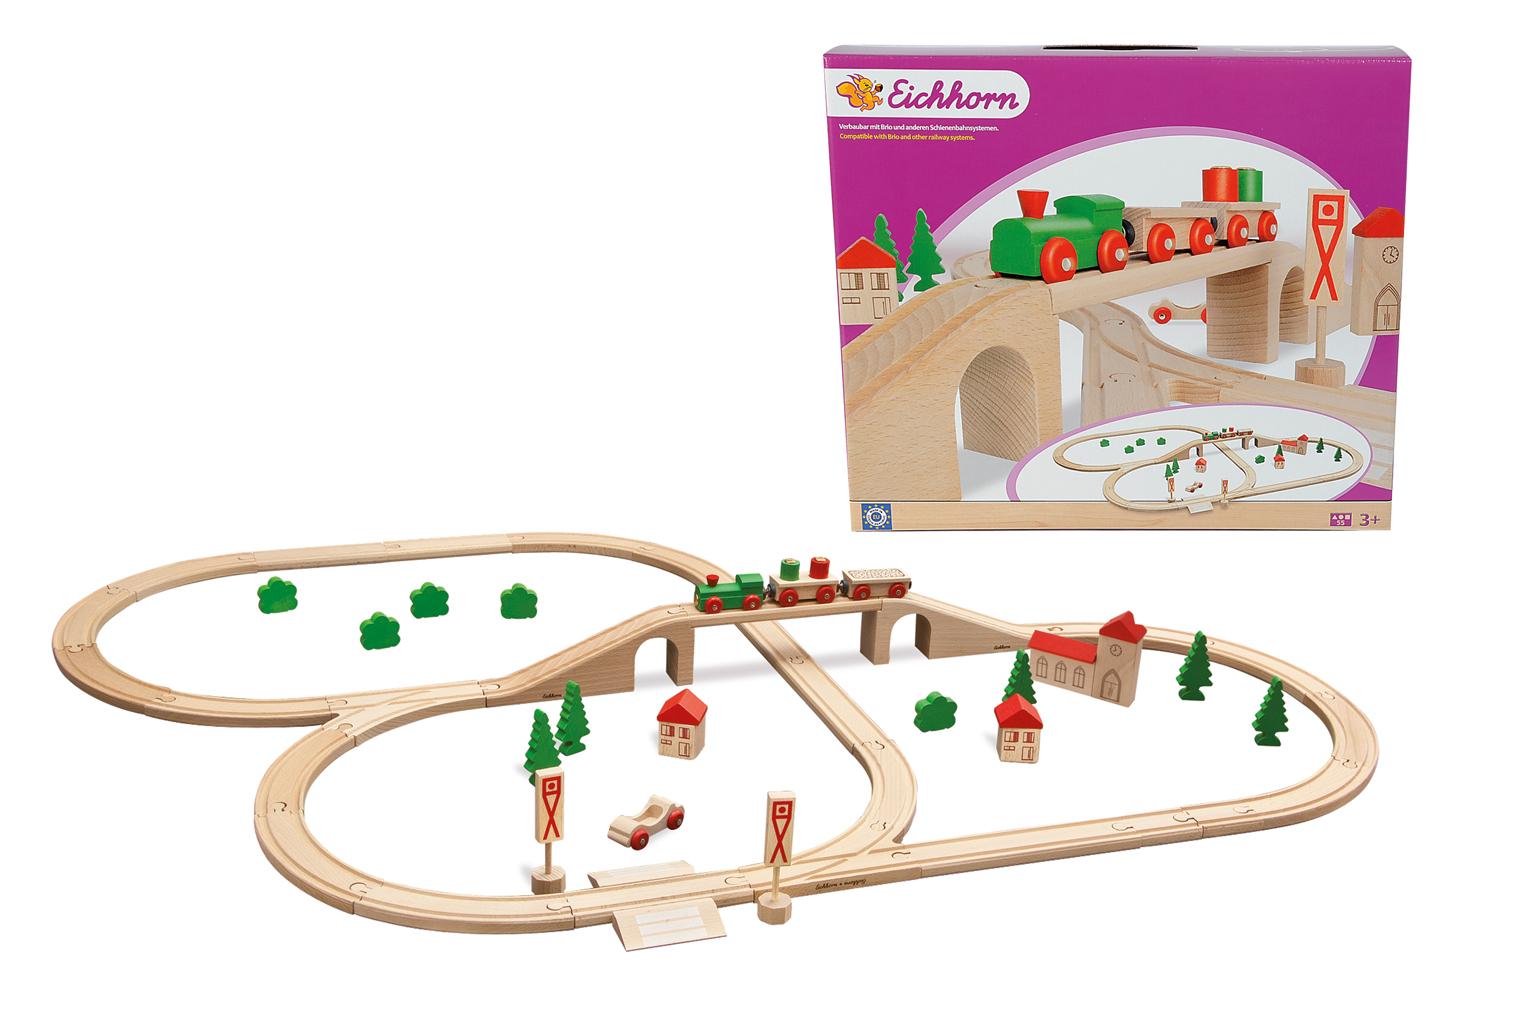 Набор деревянной железной дороги с мостомЖелезная дорога для малышей<br>Набор деревянной железной дороги с мостом<br>